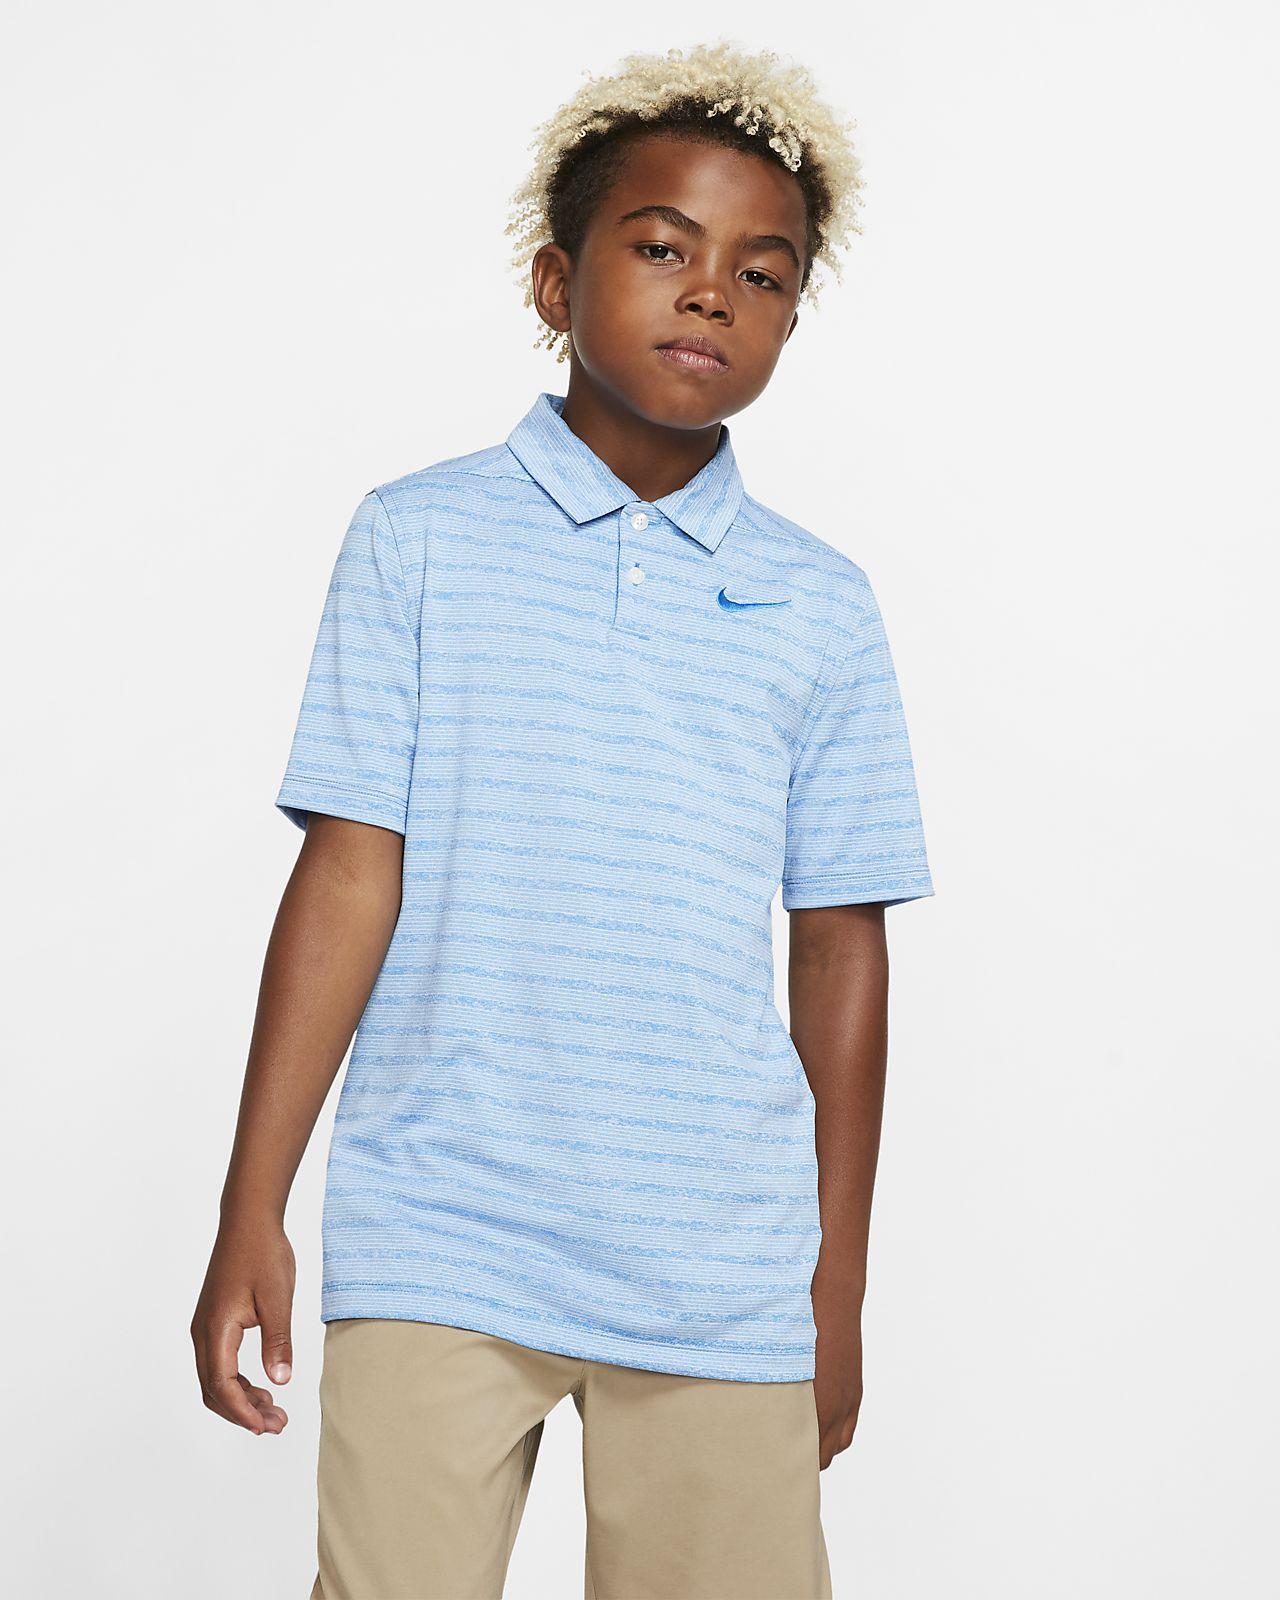 Chlapecká golfová polokošile Nike Dri-FIT s proužky